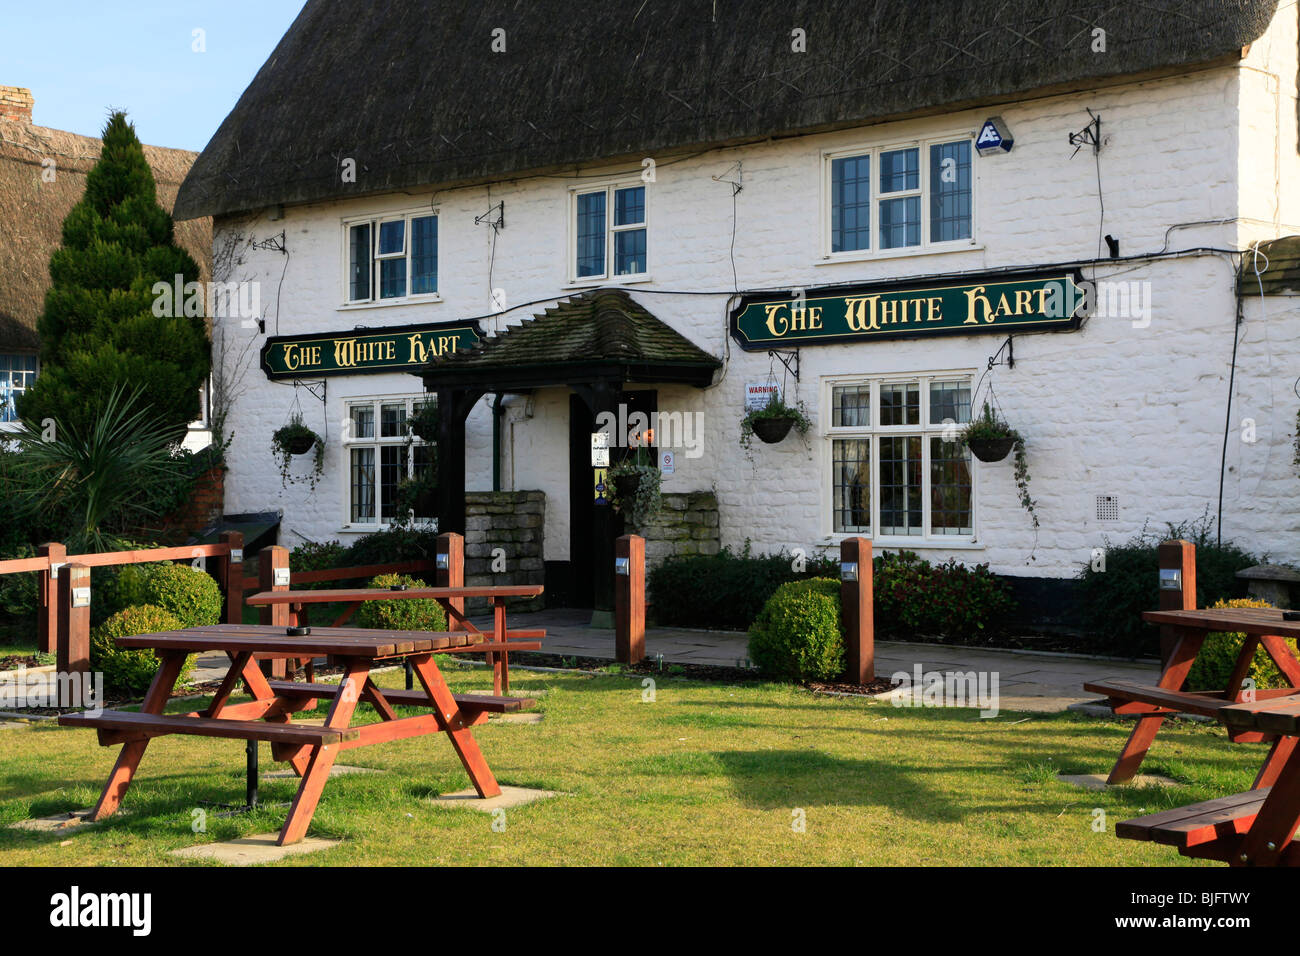 Jardin de bière avant de White Hart pub à Wroughton, Wiltshire, England, UK Photo Stock